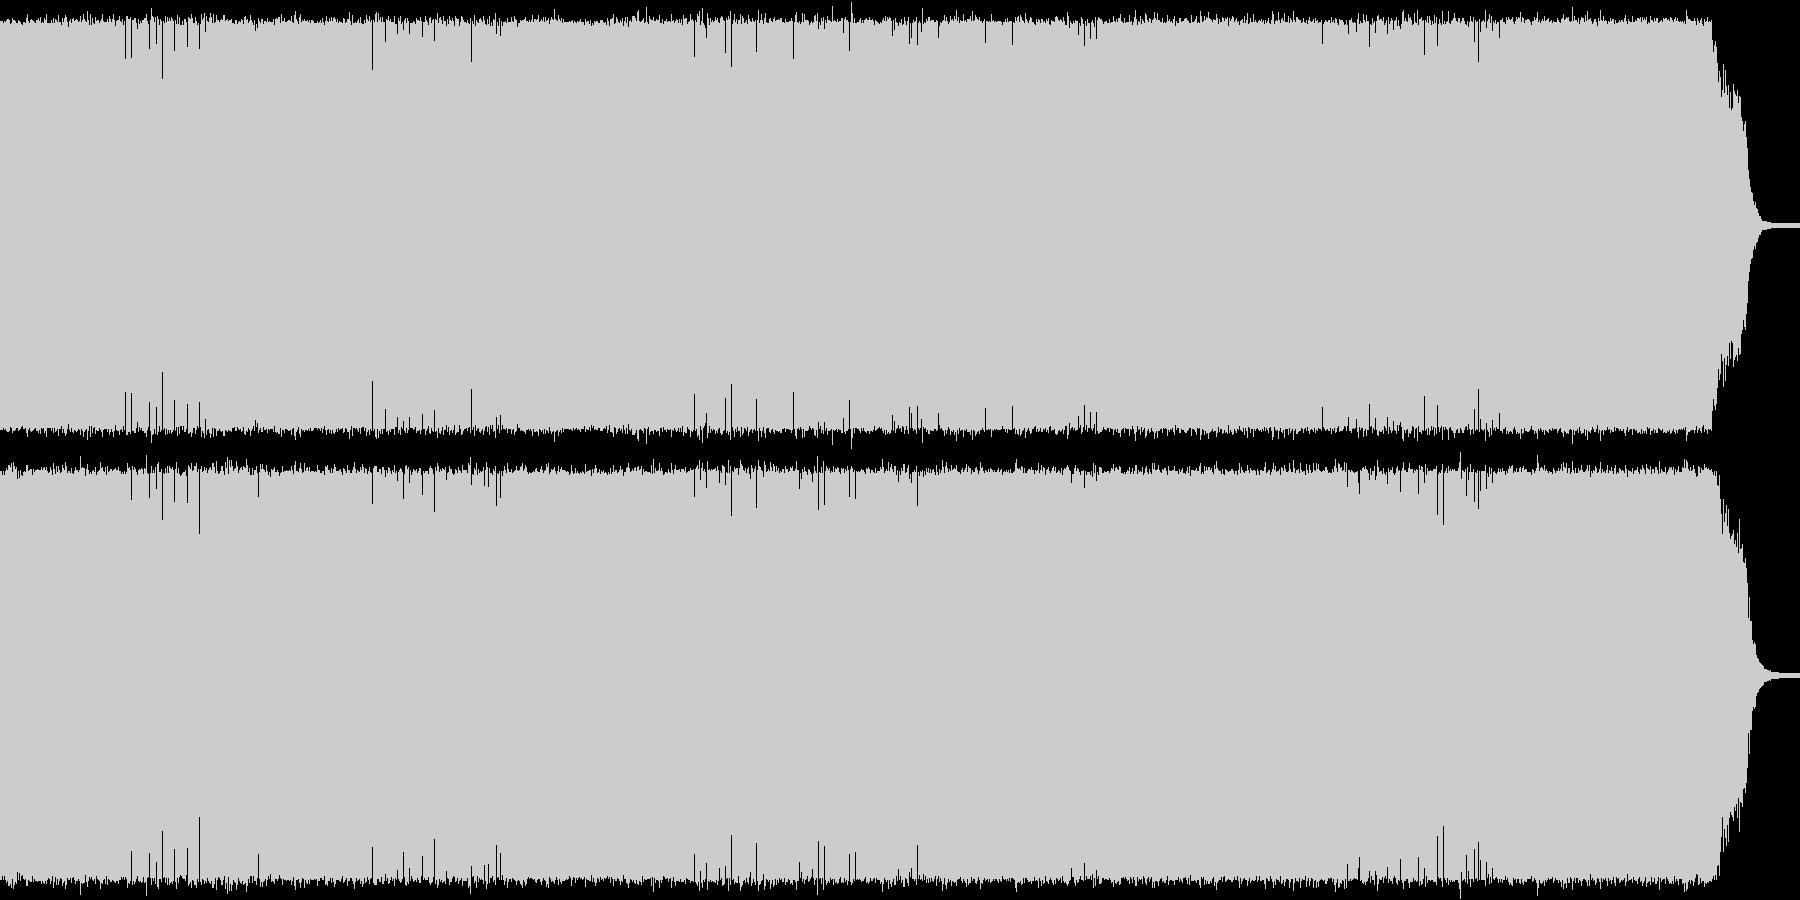 戦闘向けメタルギターインスト シャッフルの未再生の波形